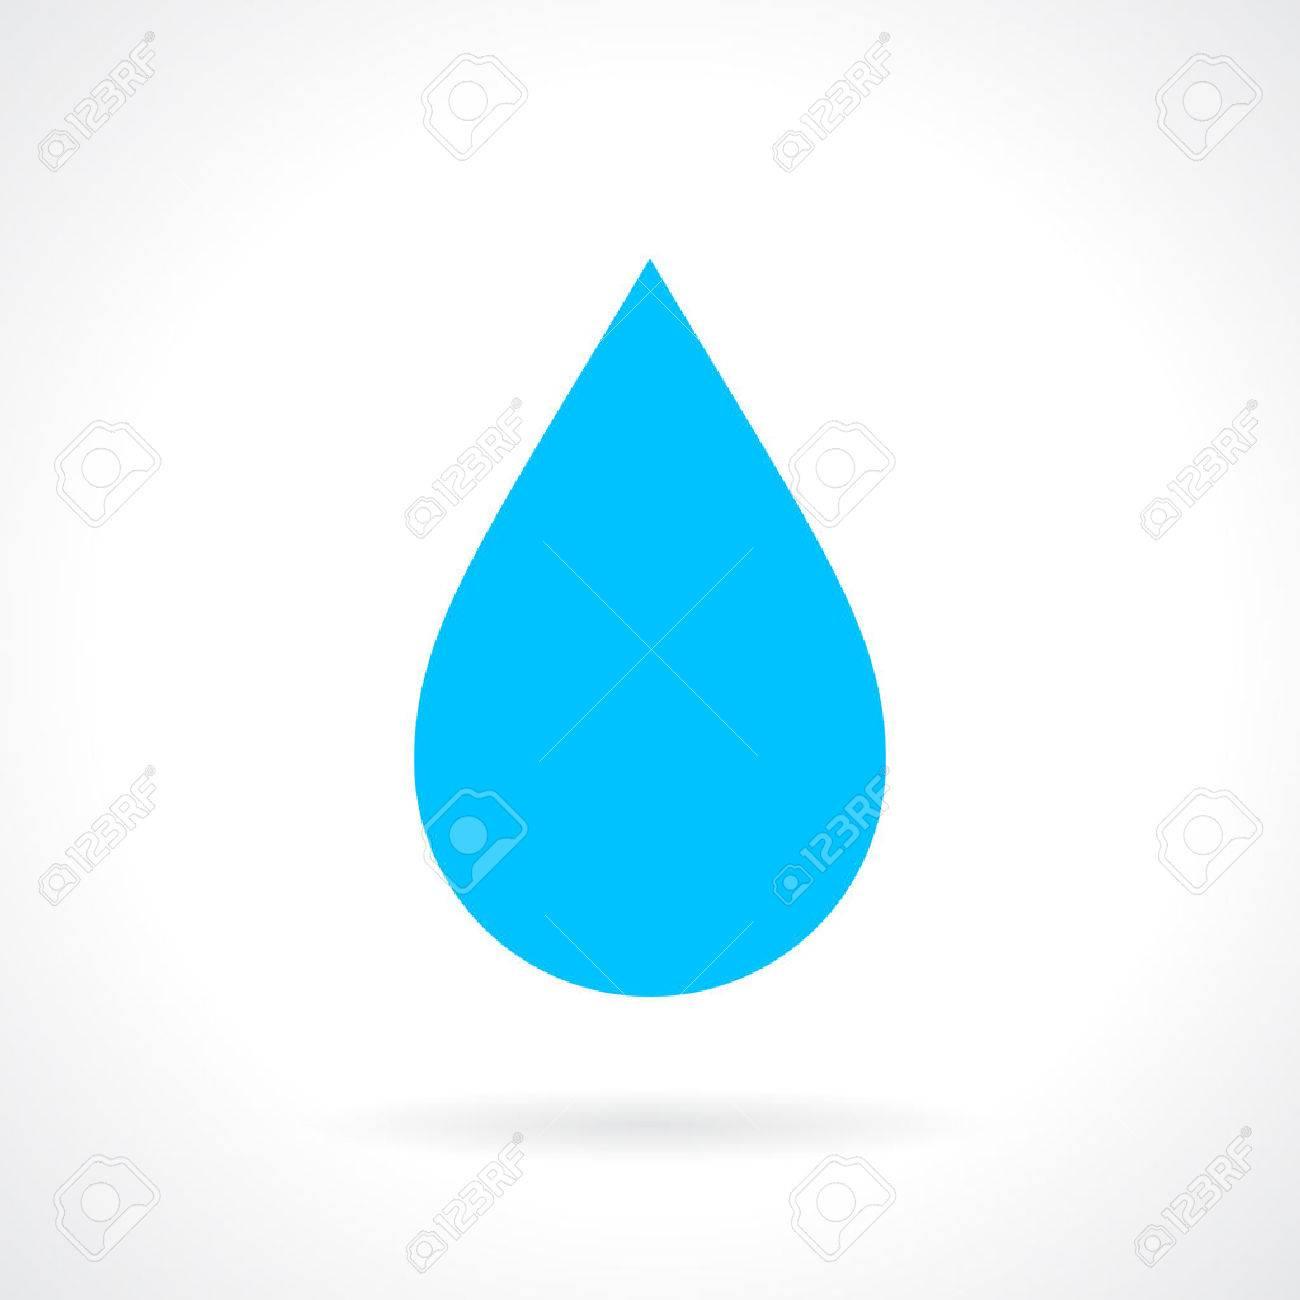 icone de goutte d eau